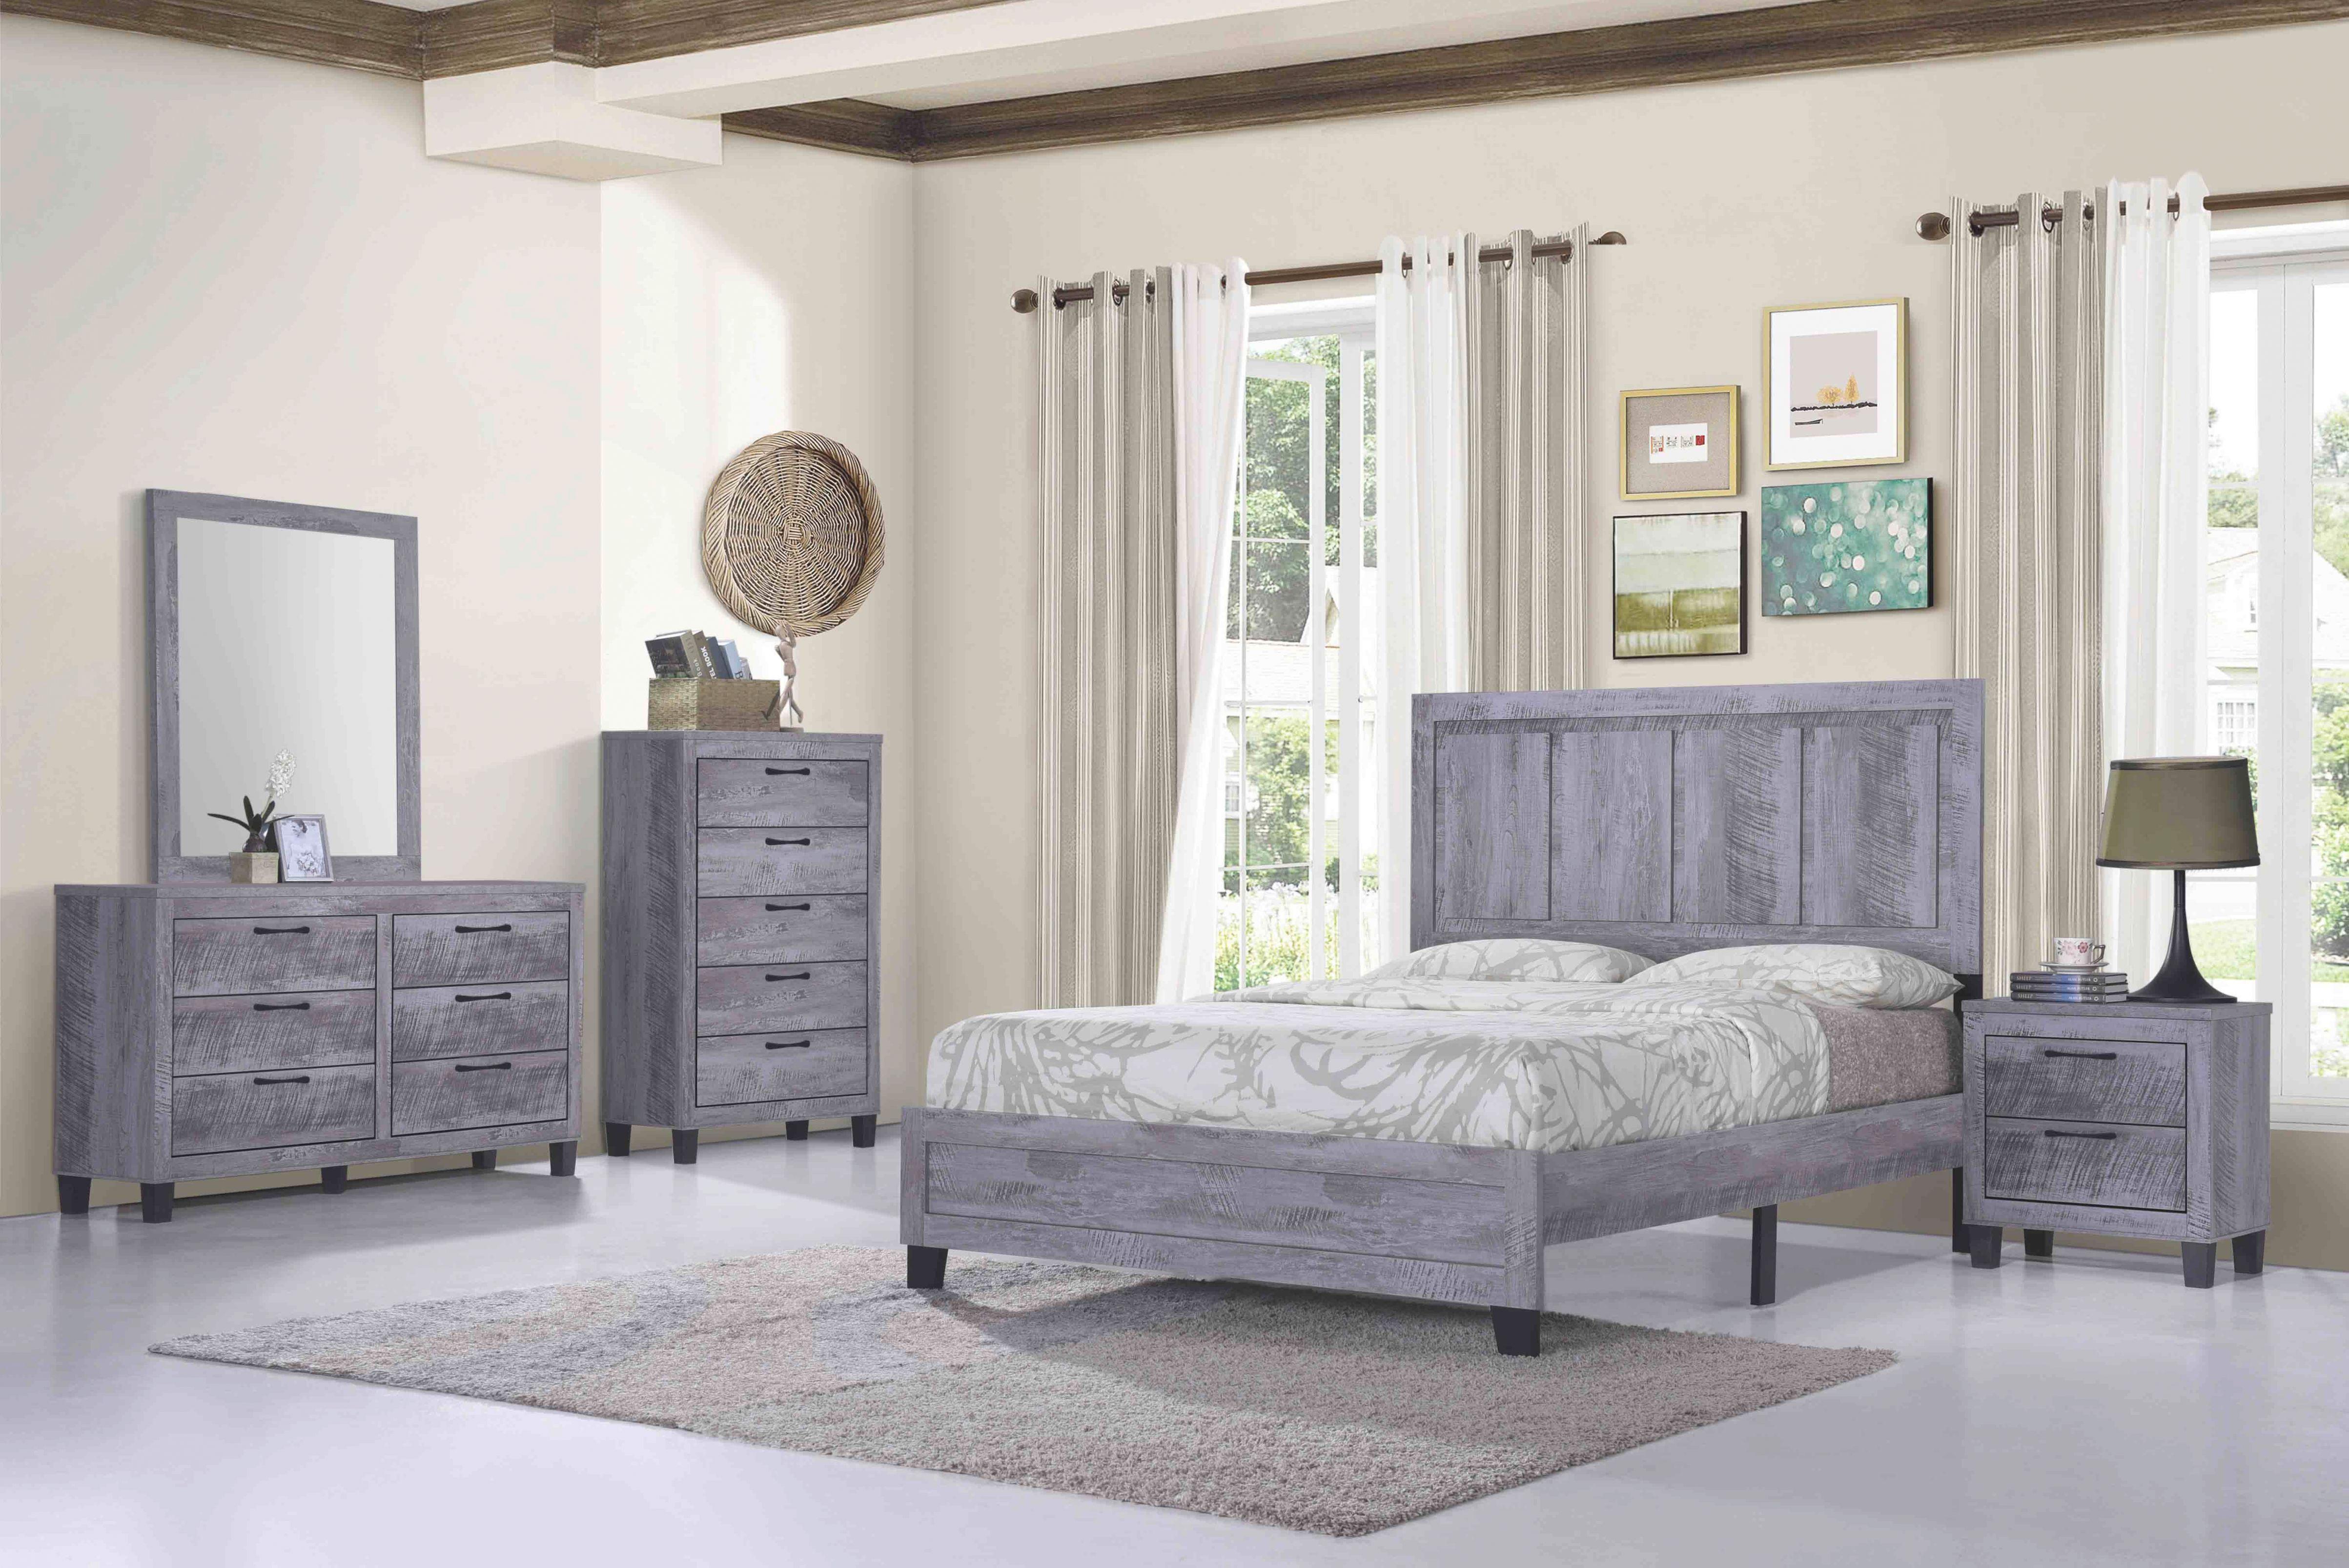 Titanic Furniture Rustic Grey 4 Piece Queen Bedroom Set throughout Bedroom Set Grey